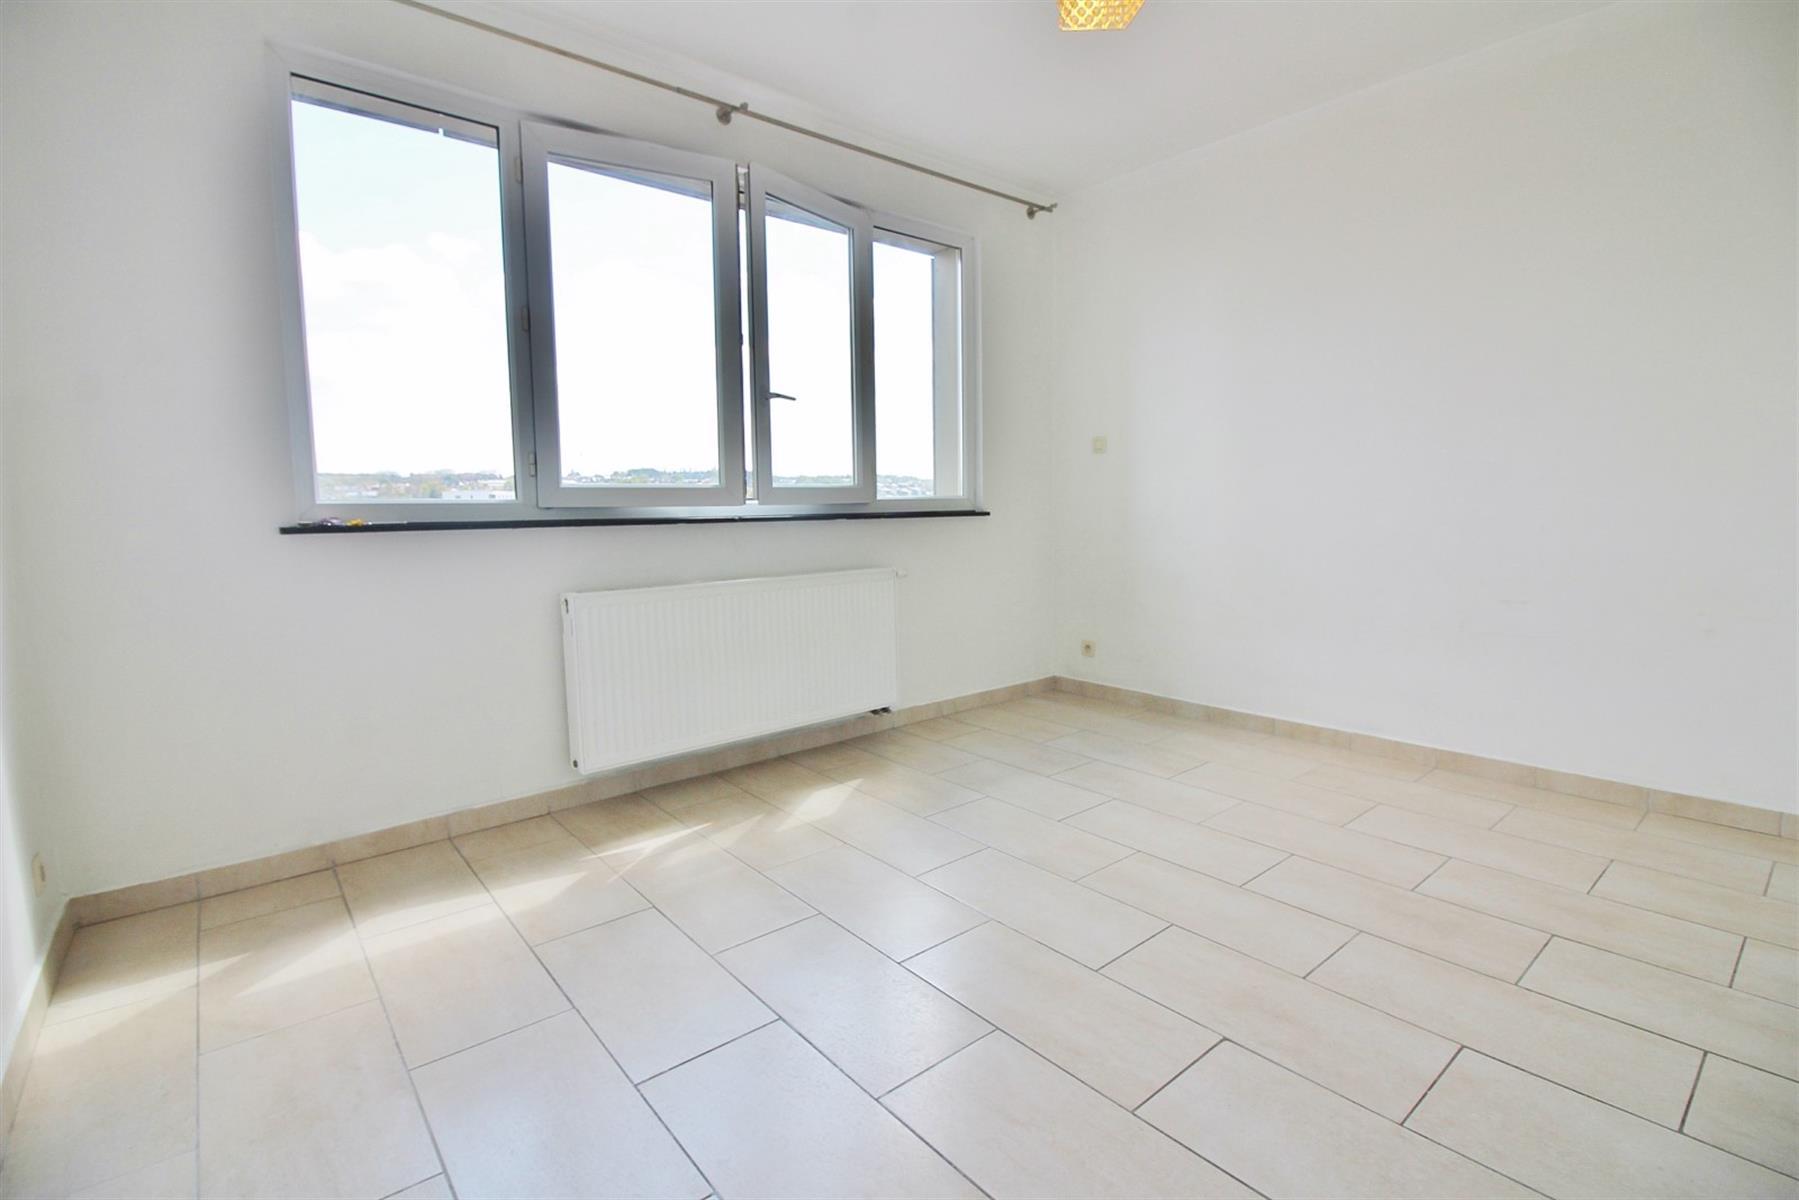 Appartement - Liege - #4394490-6